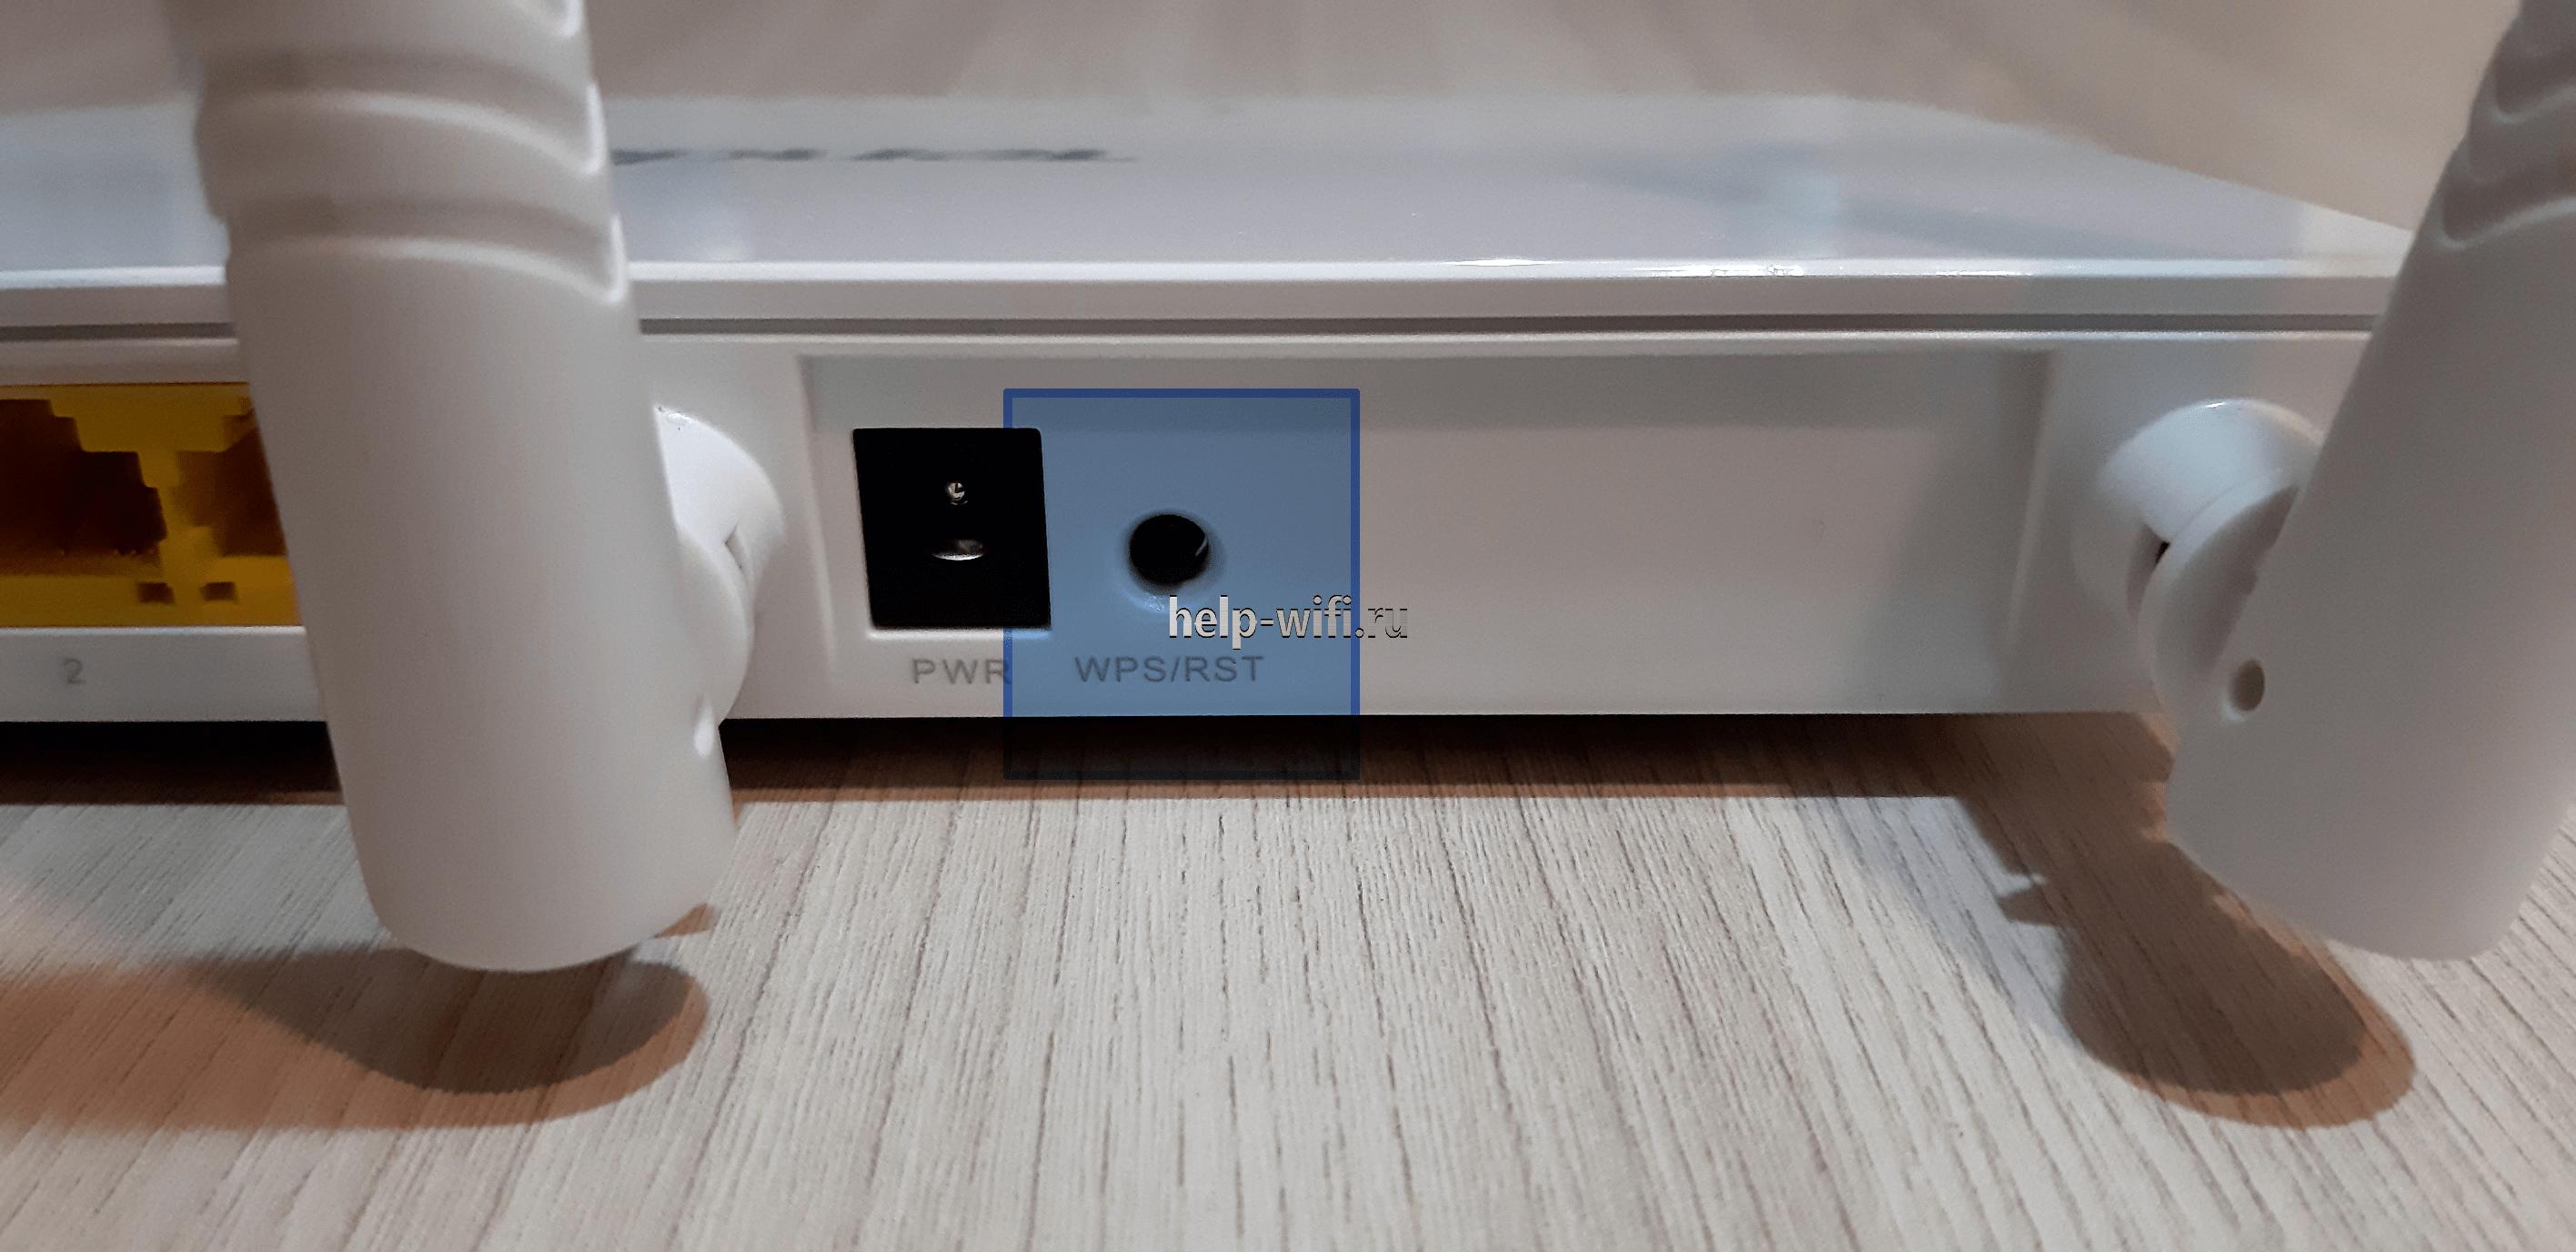 кнопка Reset для сброса настроек